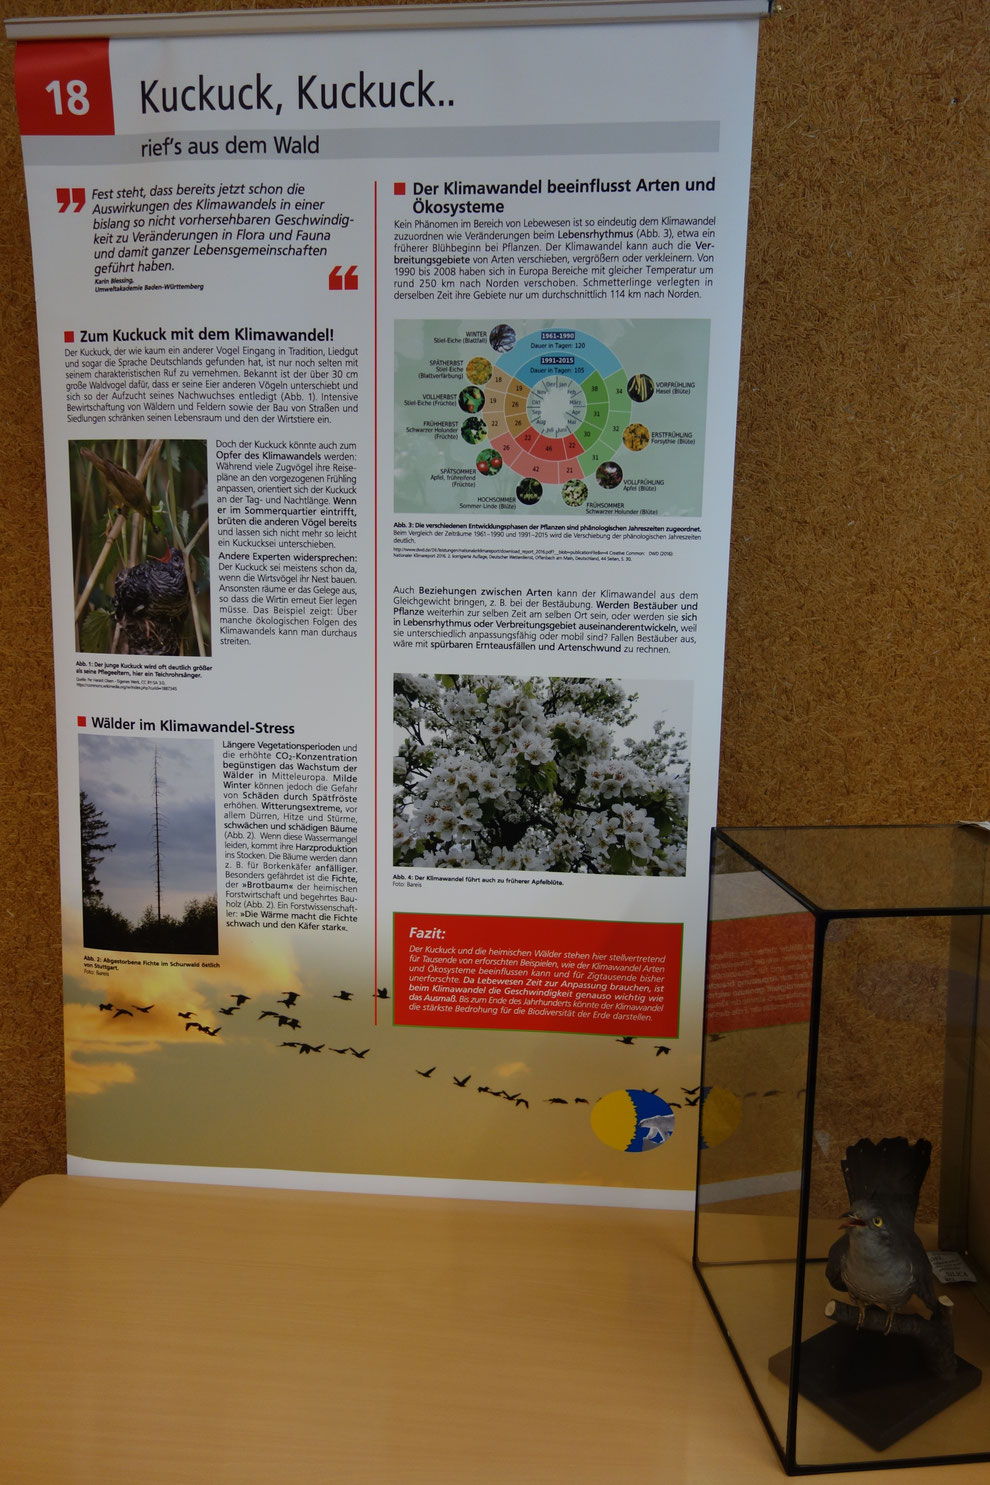 Gehört der Kuckuck zu den Verlieren des Klimawandels? Leihgabe des Naturkundemuseums Stttgart. Alternativ zeigen wir eine Kuckucksuhr.